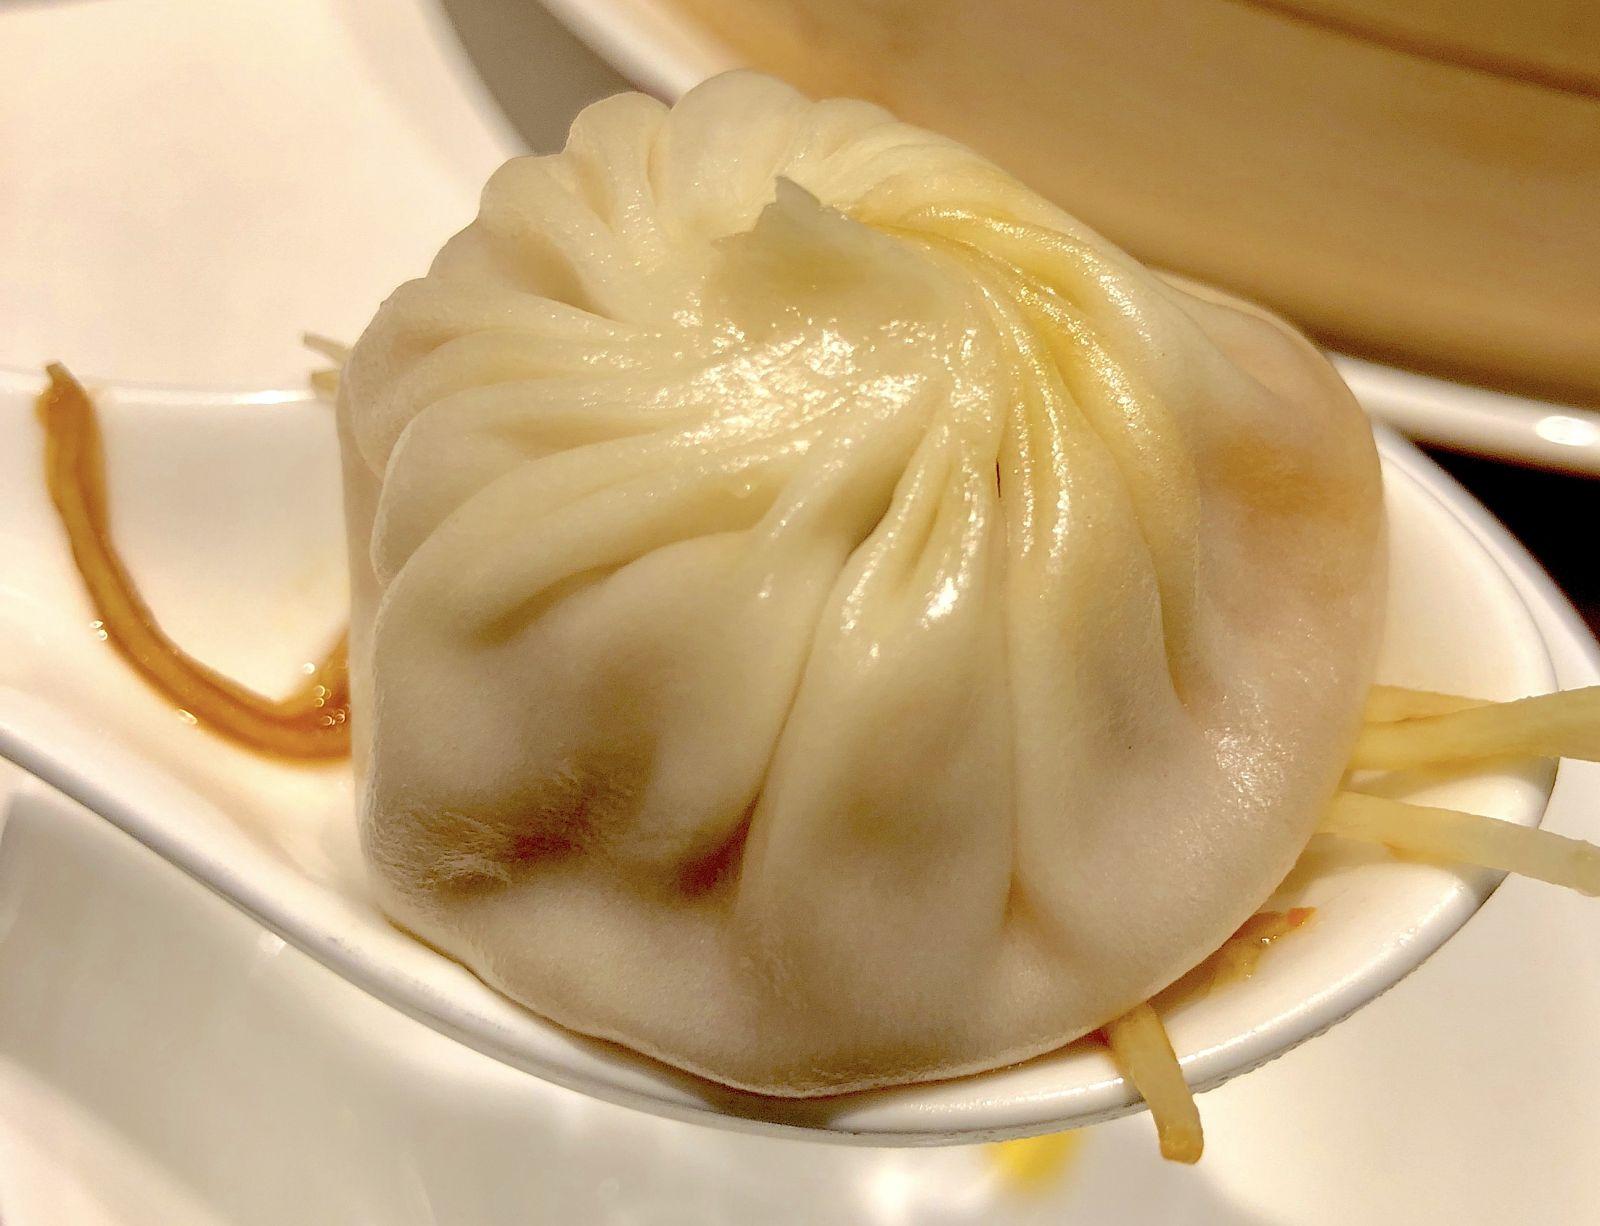 din-tai-fung-xiaolongbao-shanghai